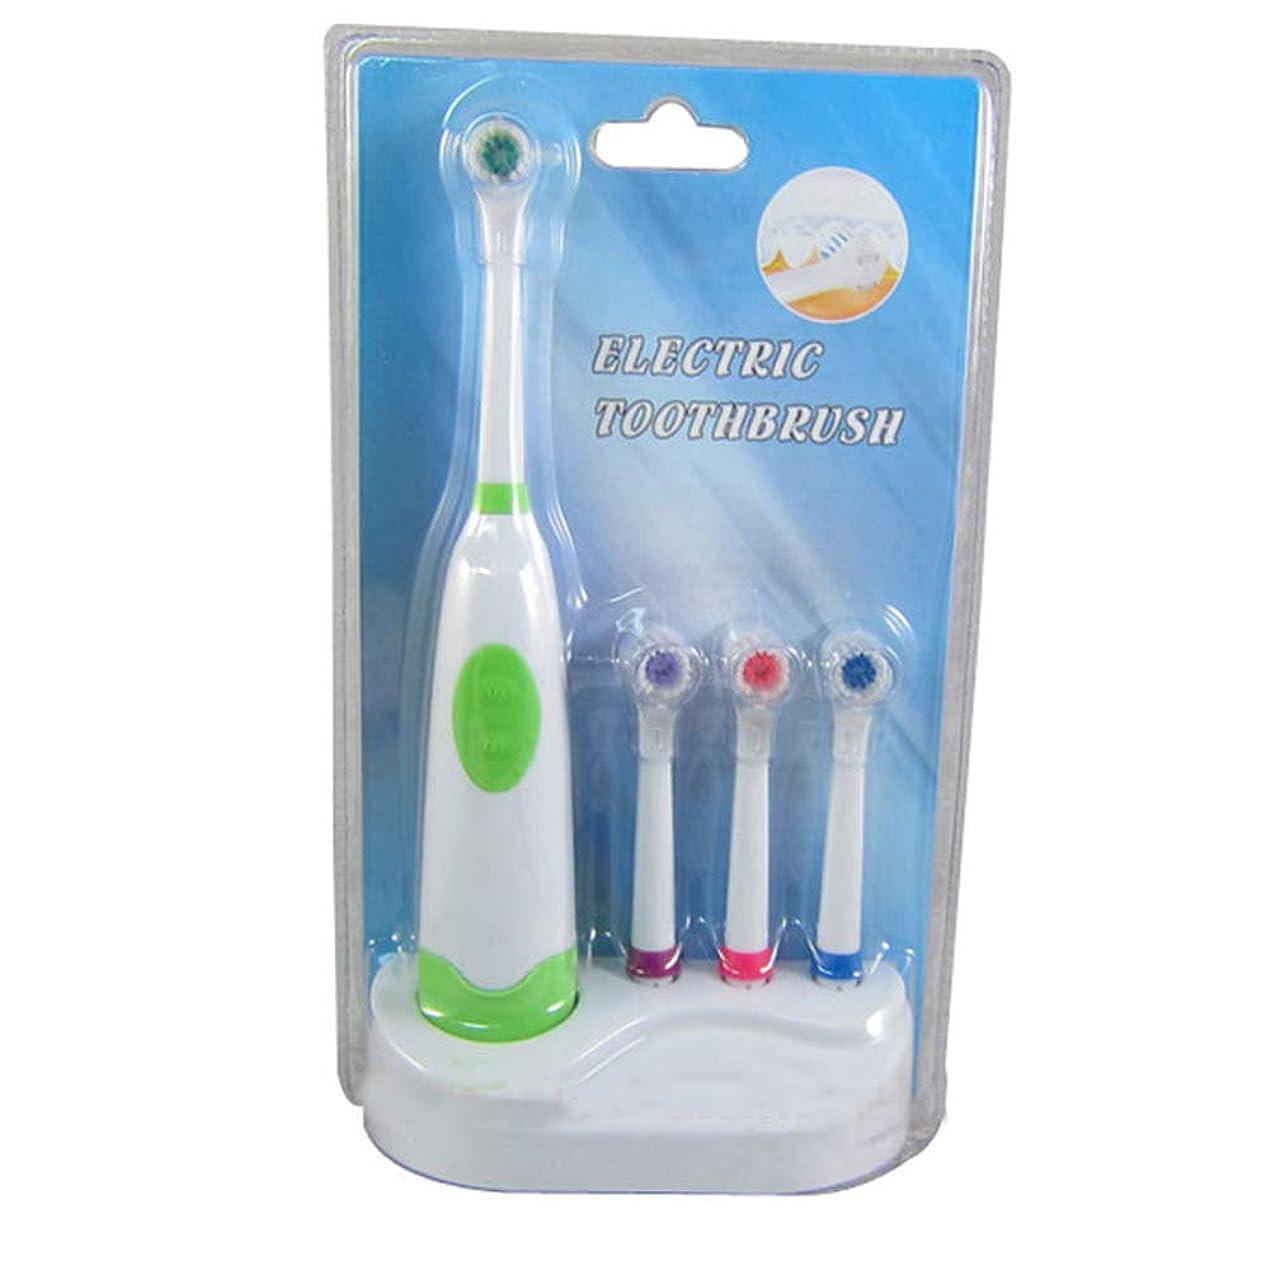 理容師極地桃回転式自動電動歯ブラシ、超音波防水オーラルクリーニング、4ブラシヘッド4個付きベースシールド(バッテリーなし),A